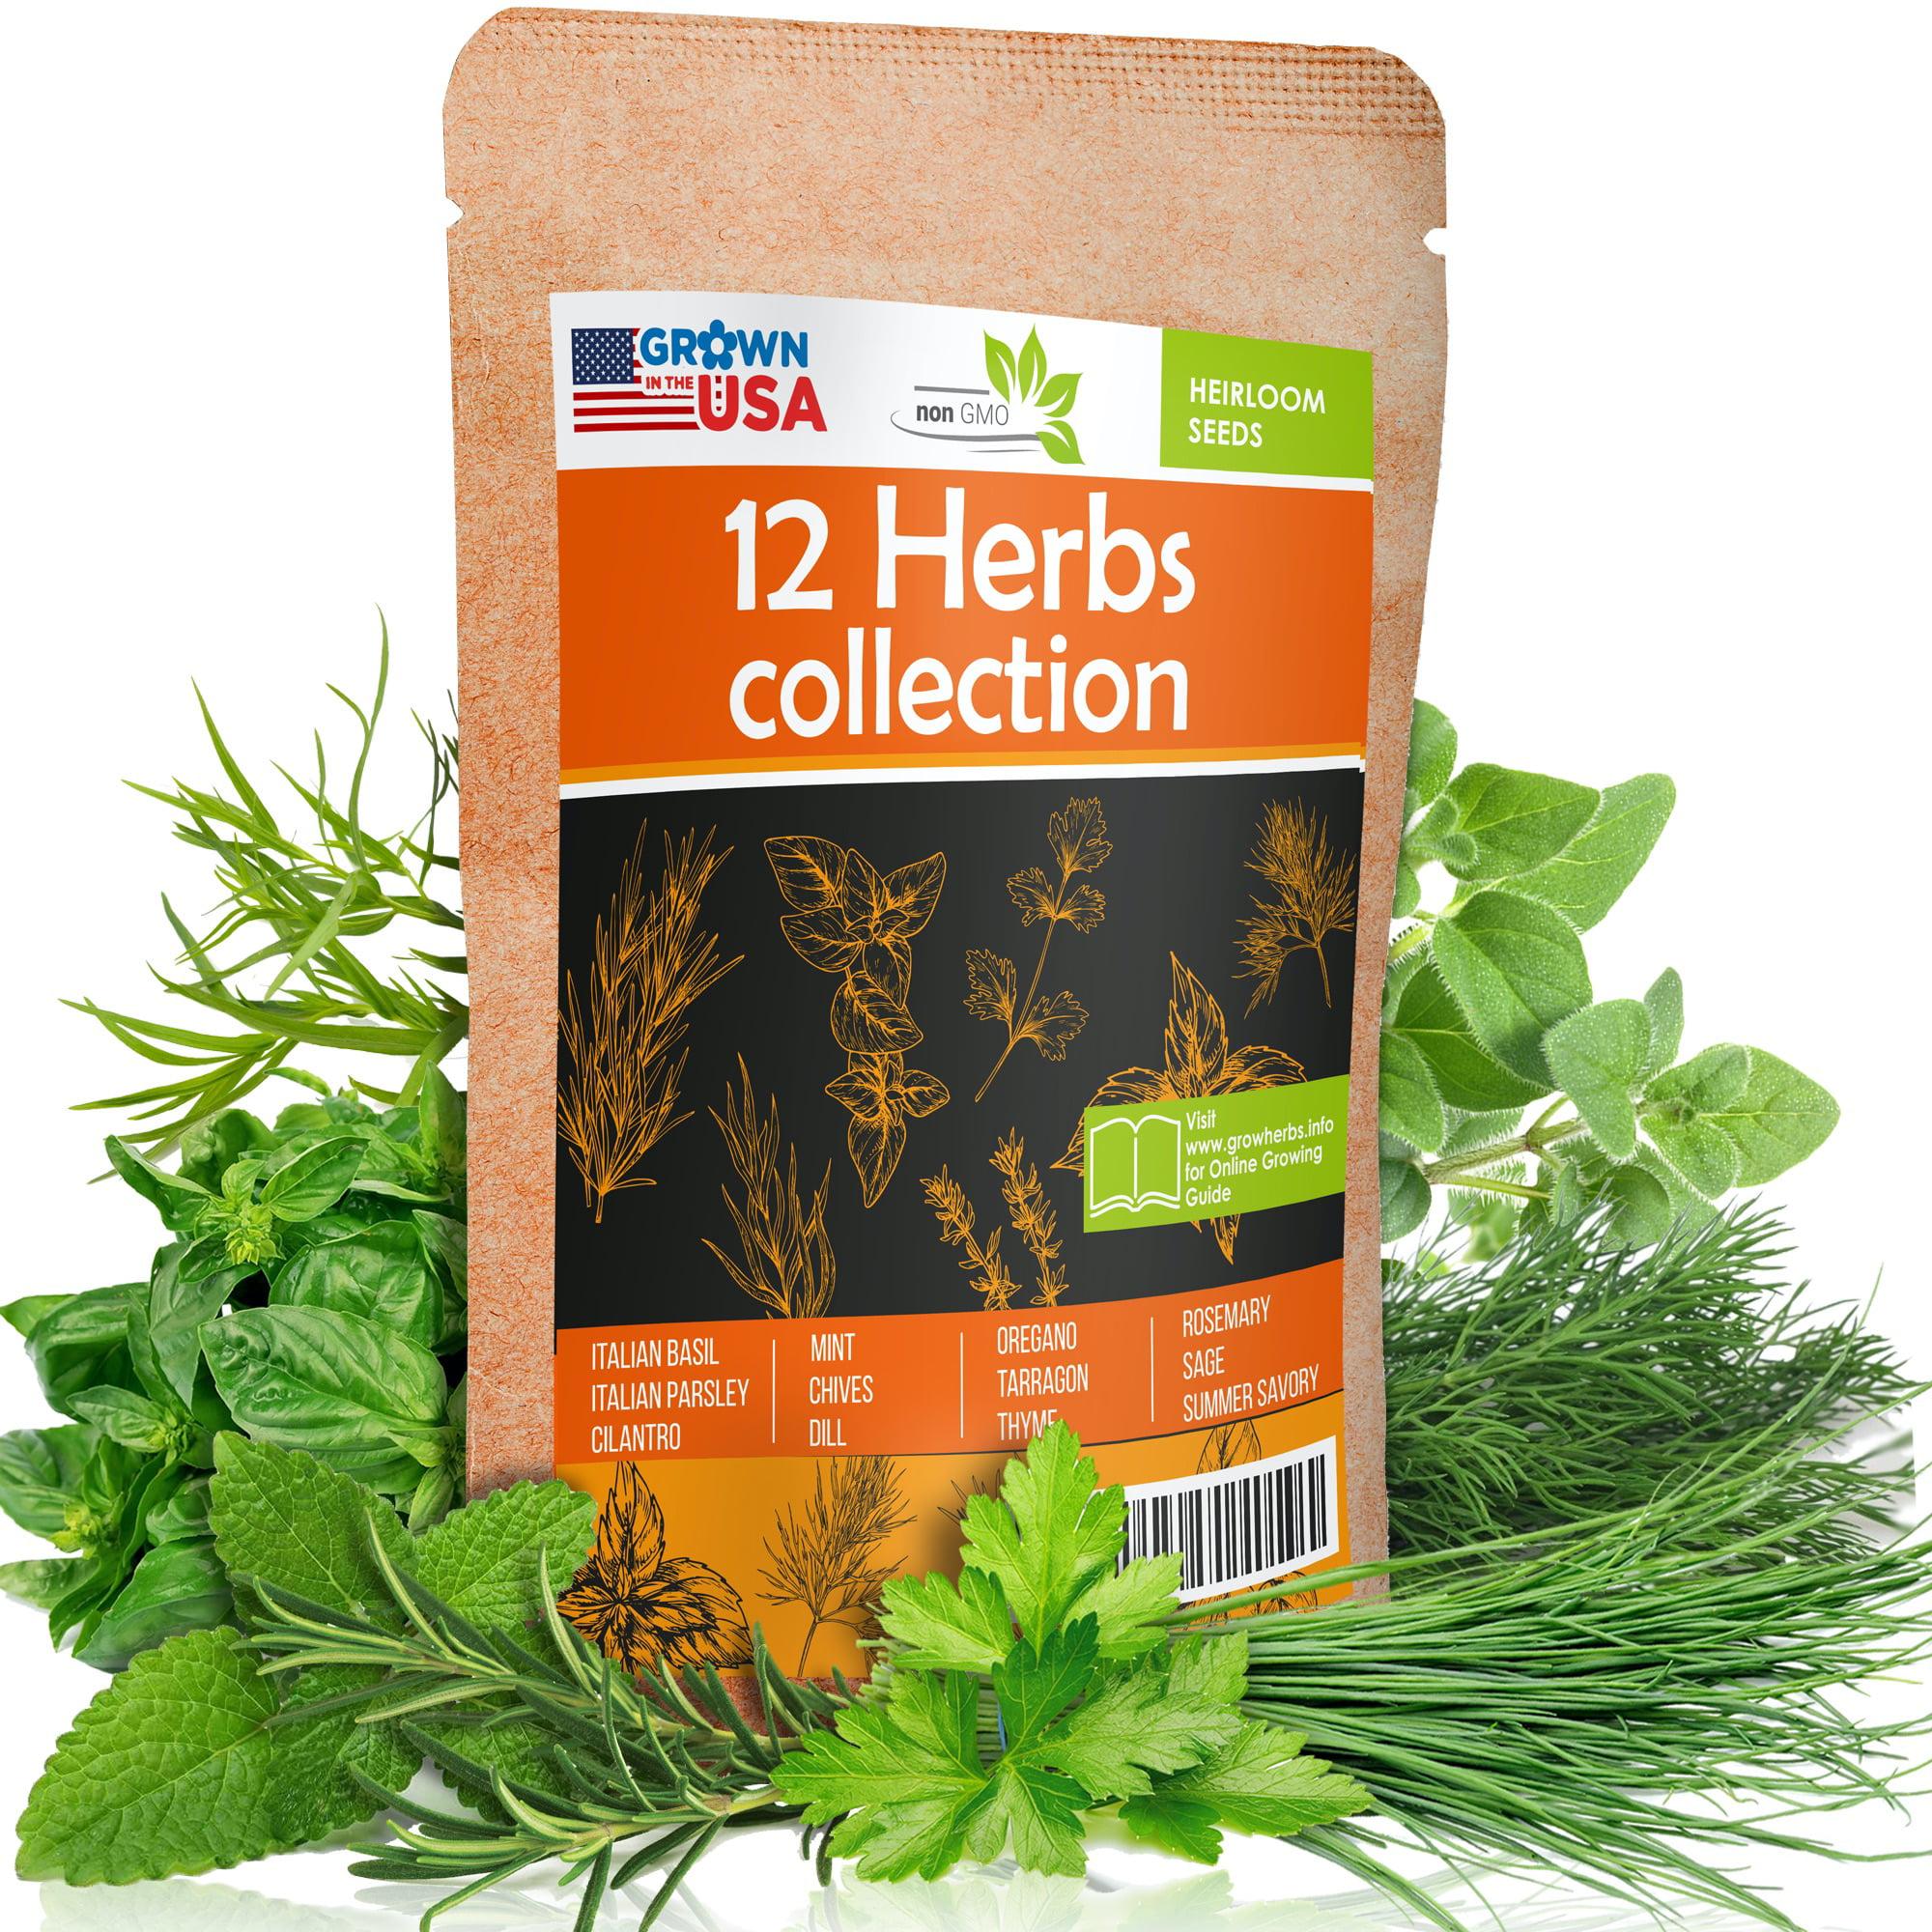 50 Thyme Heirloom Seeds Garden Herbs Medicinal Non GMO ~ Organic ~Pesticide Free